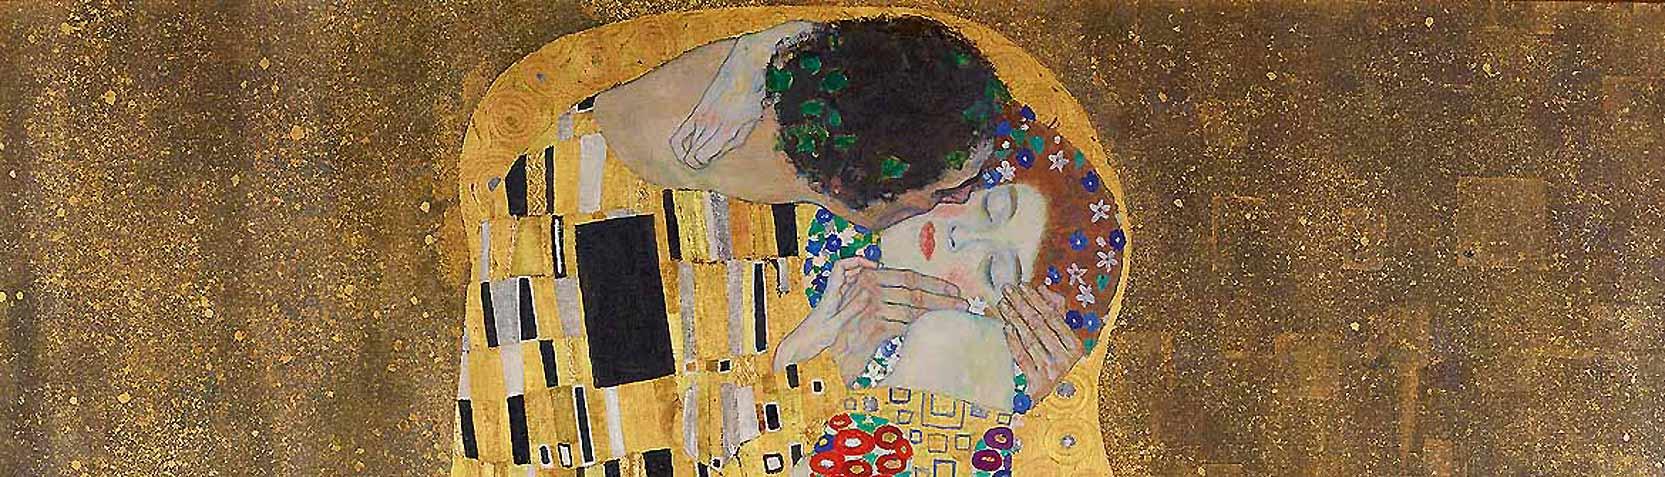 Kollektionen - Liebe in der Kunst